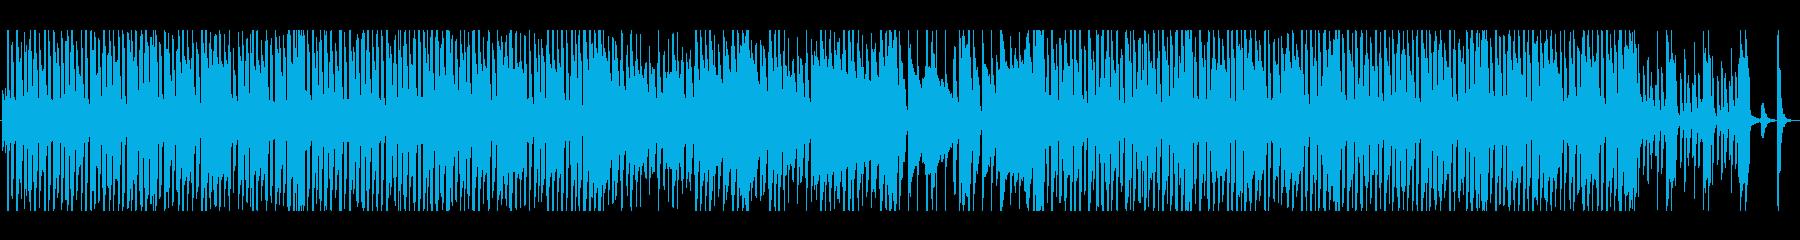 ウキウキわくわく日常のほのぼのポップスの再生済みの波形